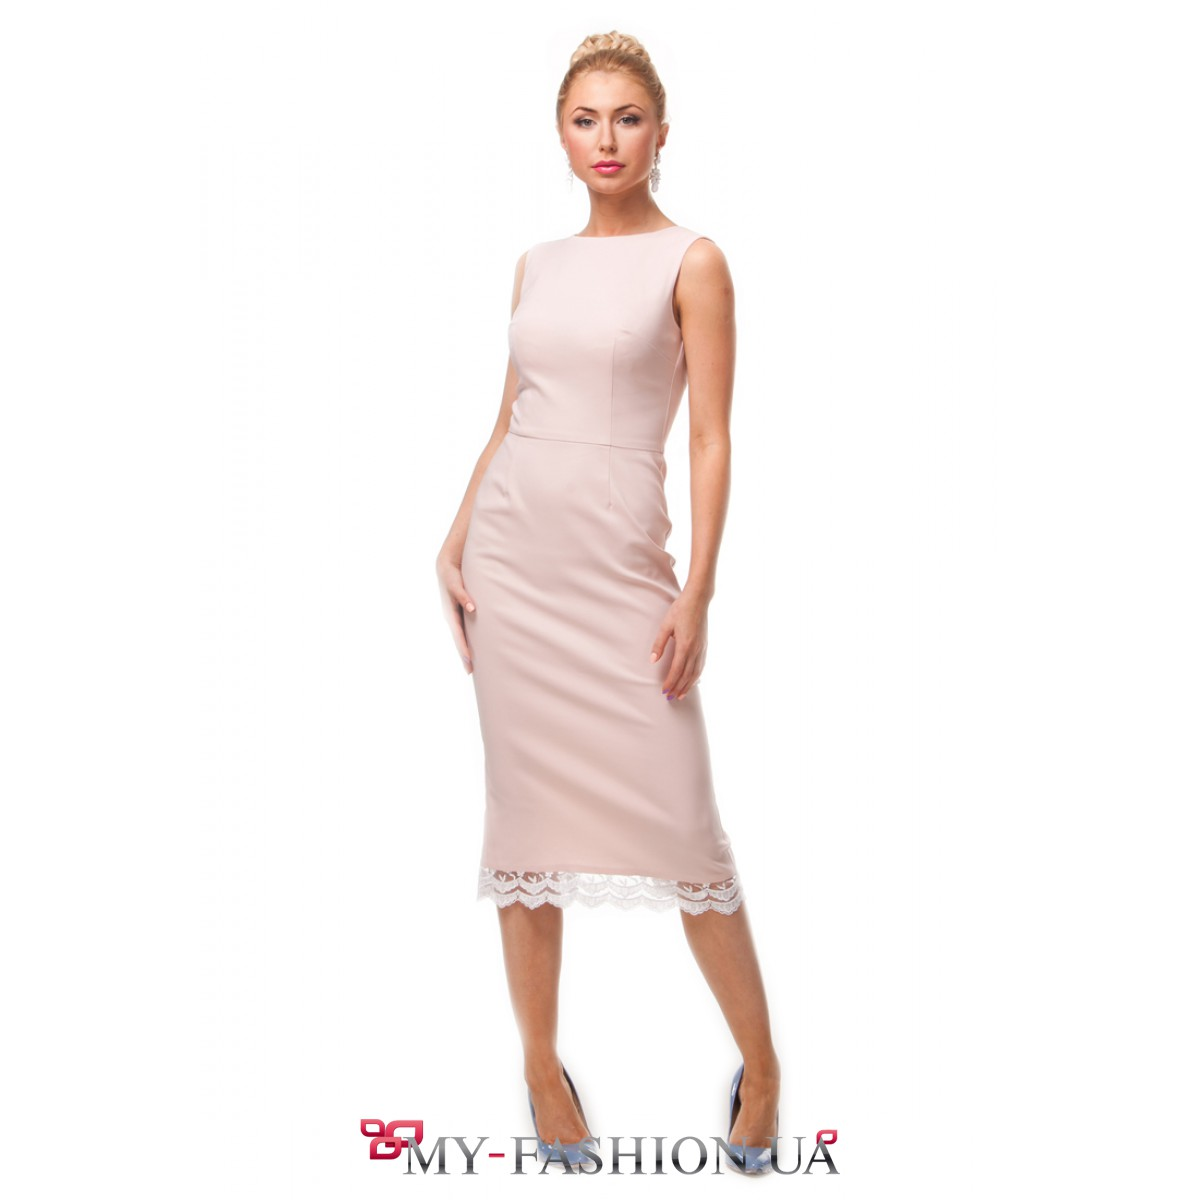 Фото платьев с кружевным подолом